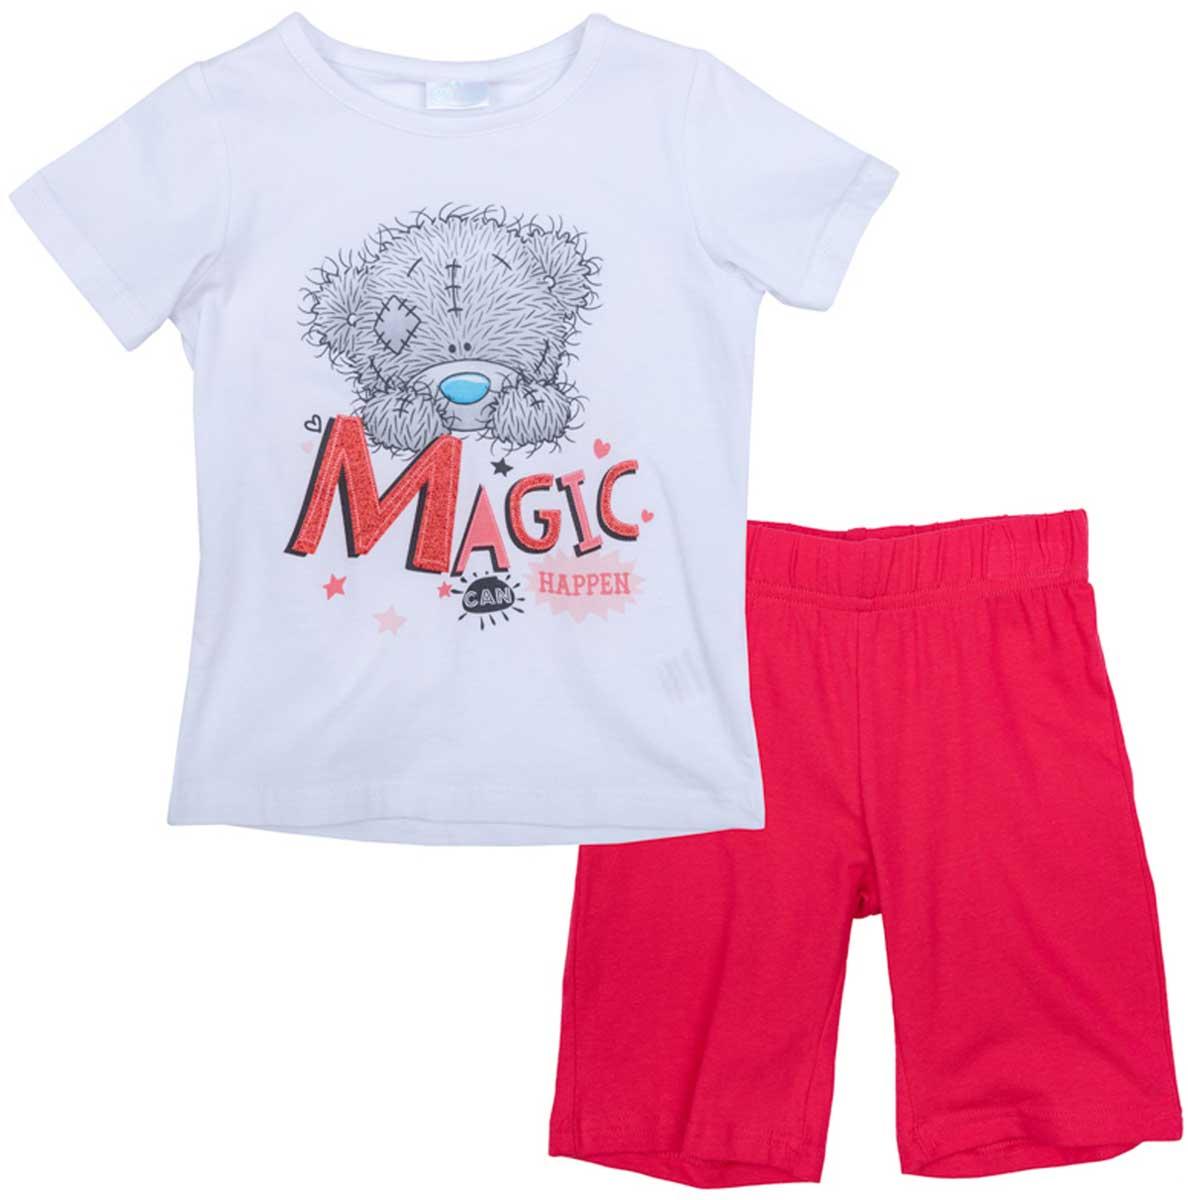 Комплект для девочки PlayToday: футболка, шорты, цвет: белый, красный. 676008. Размер 116676008Комплект из футболки и шорт прекрасно подойдет для домашнего использования. Может быть и домашней одеждой и уютной пижамой. Мягкий, приятный к телу материал не сковывает движений. Яркий стильный принт является достойным украшением данного изделия.